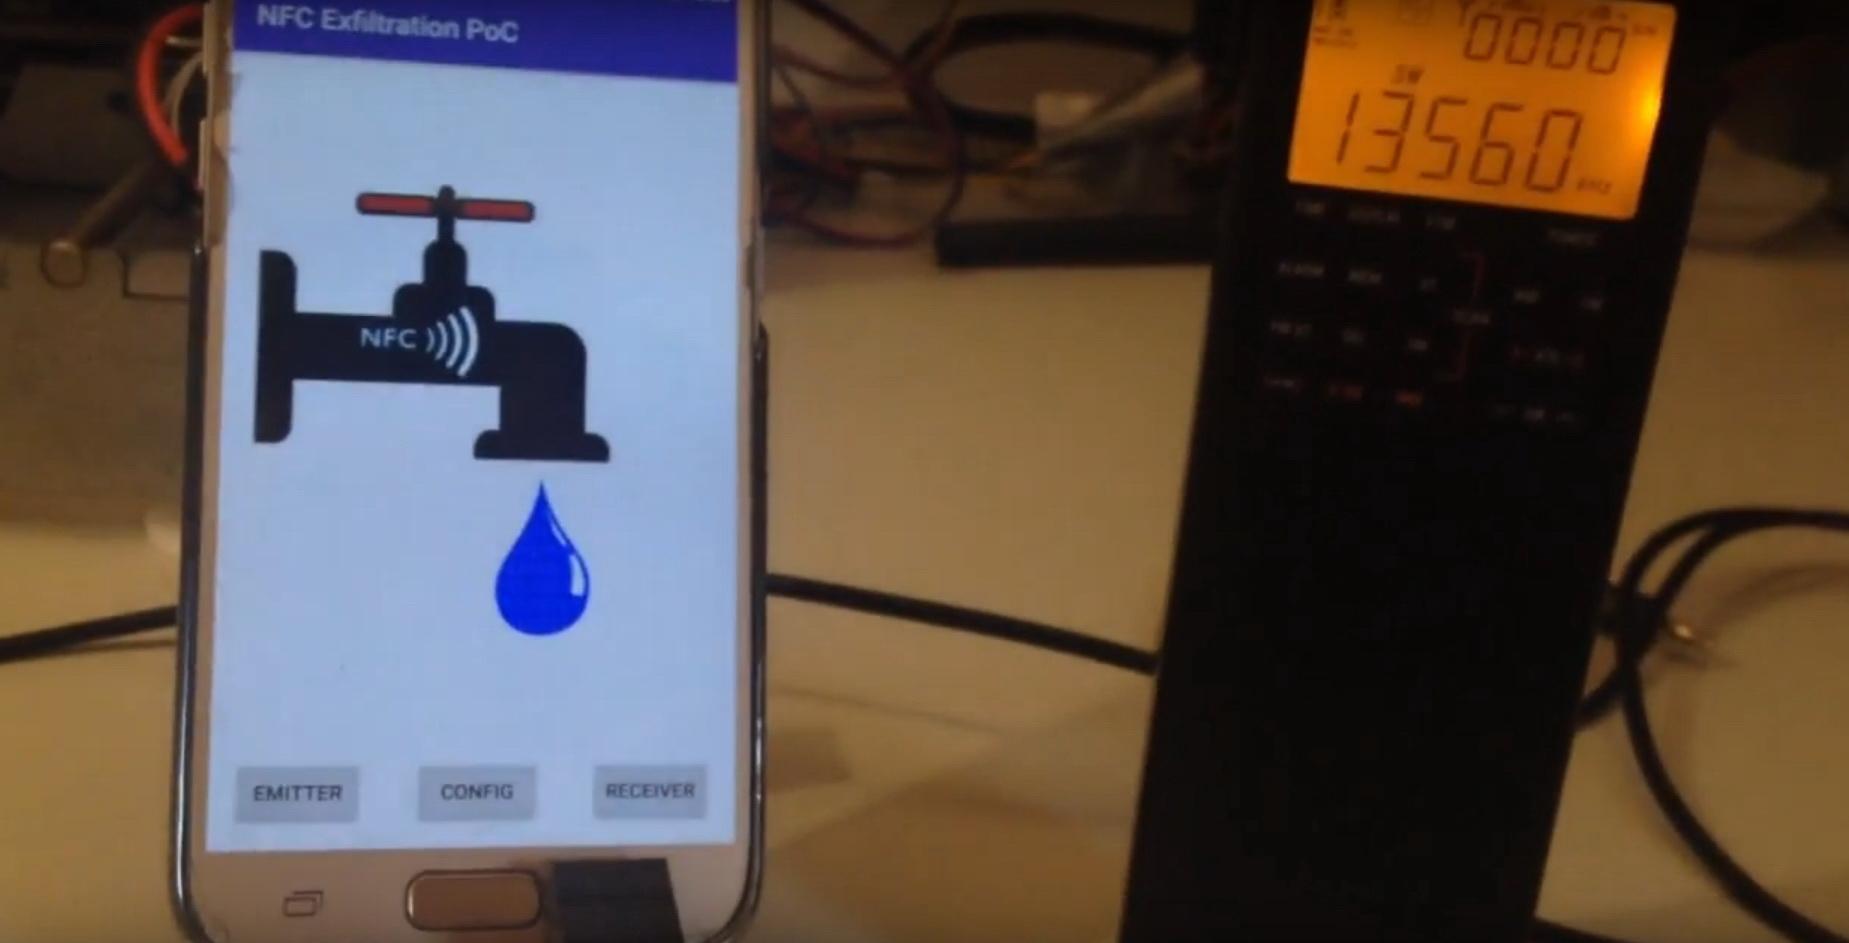 Атака NFCdrip использует NFC для передачи данных на сравнительно дальние дистанции